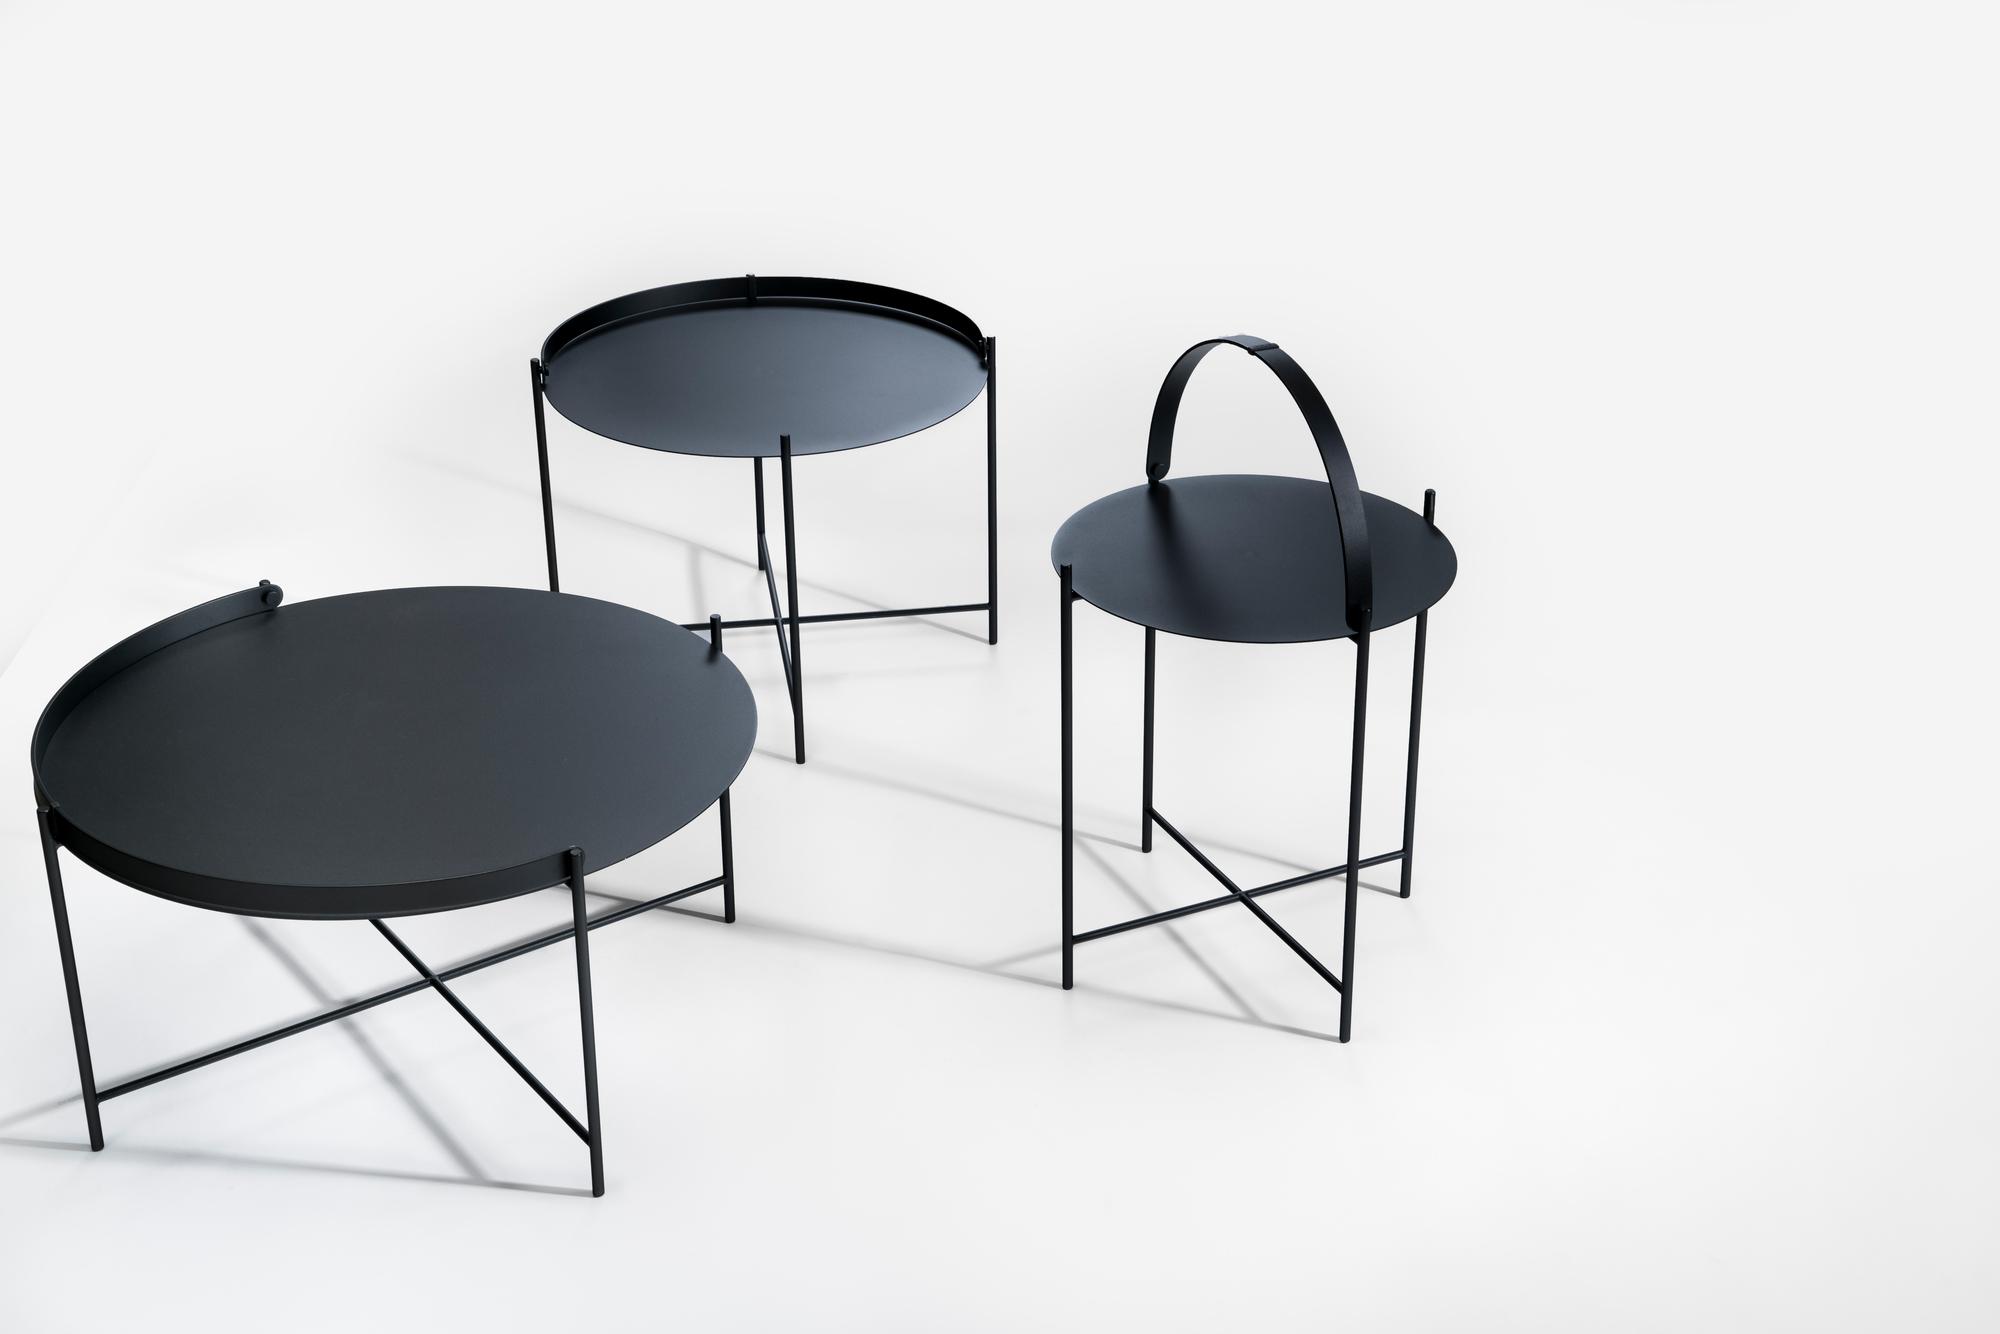 Edge Tray Table Beistelltisch klein schwarz Houe